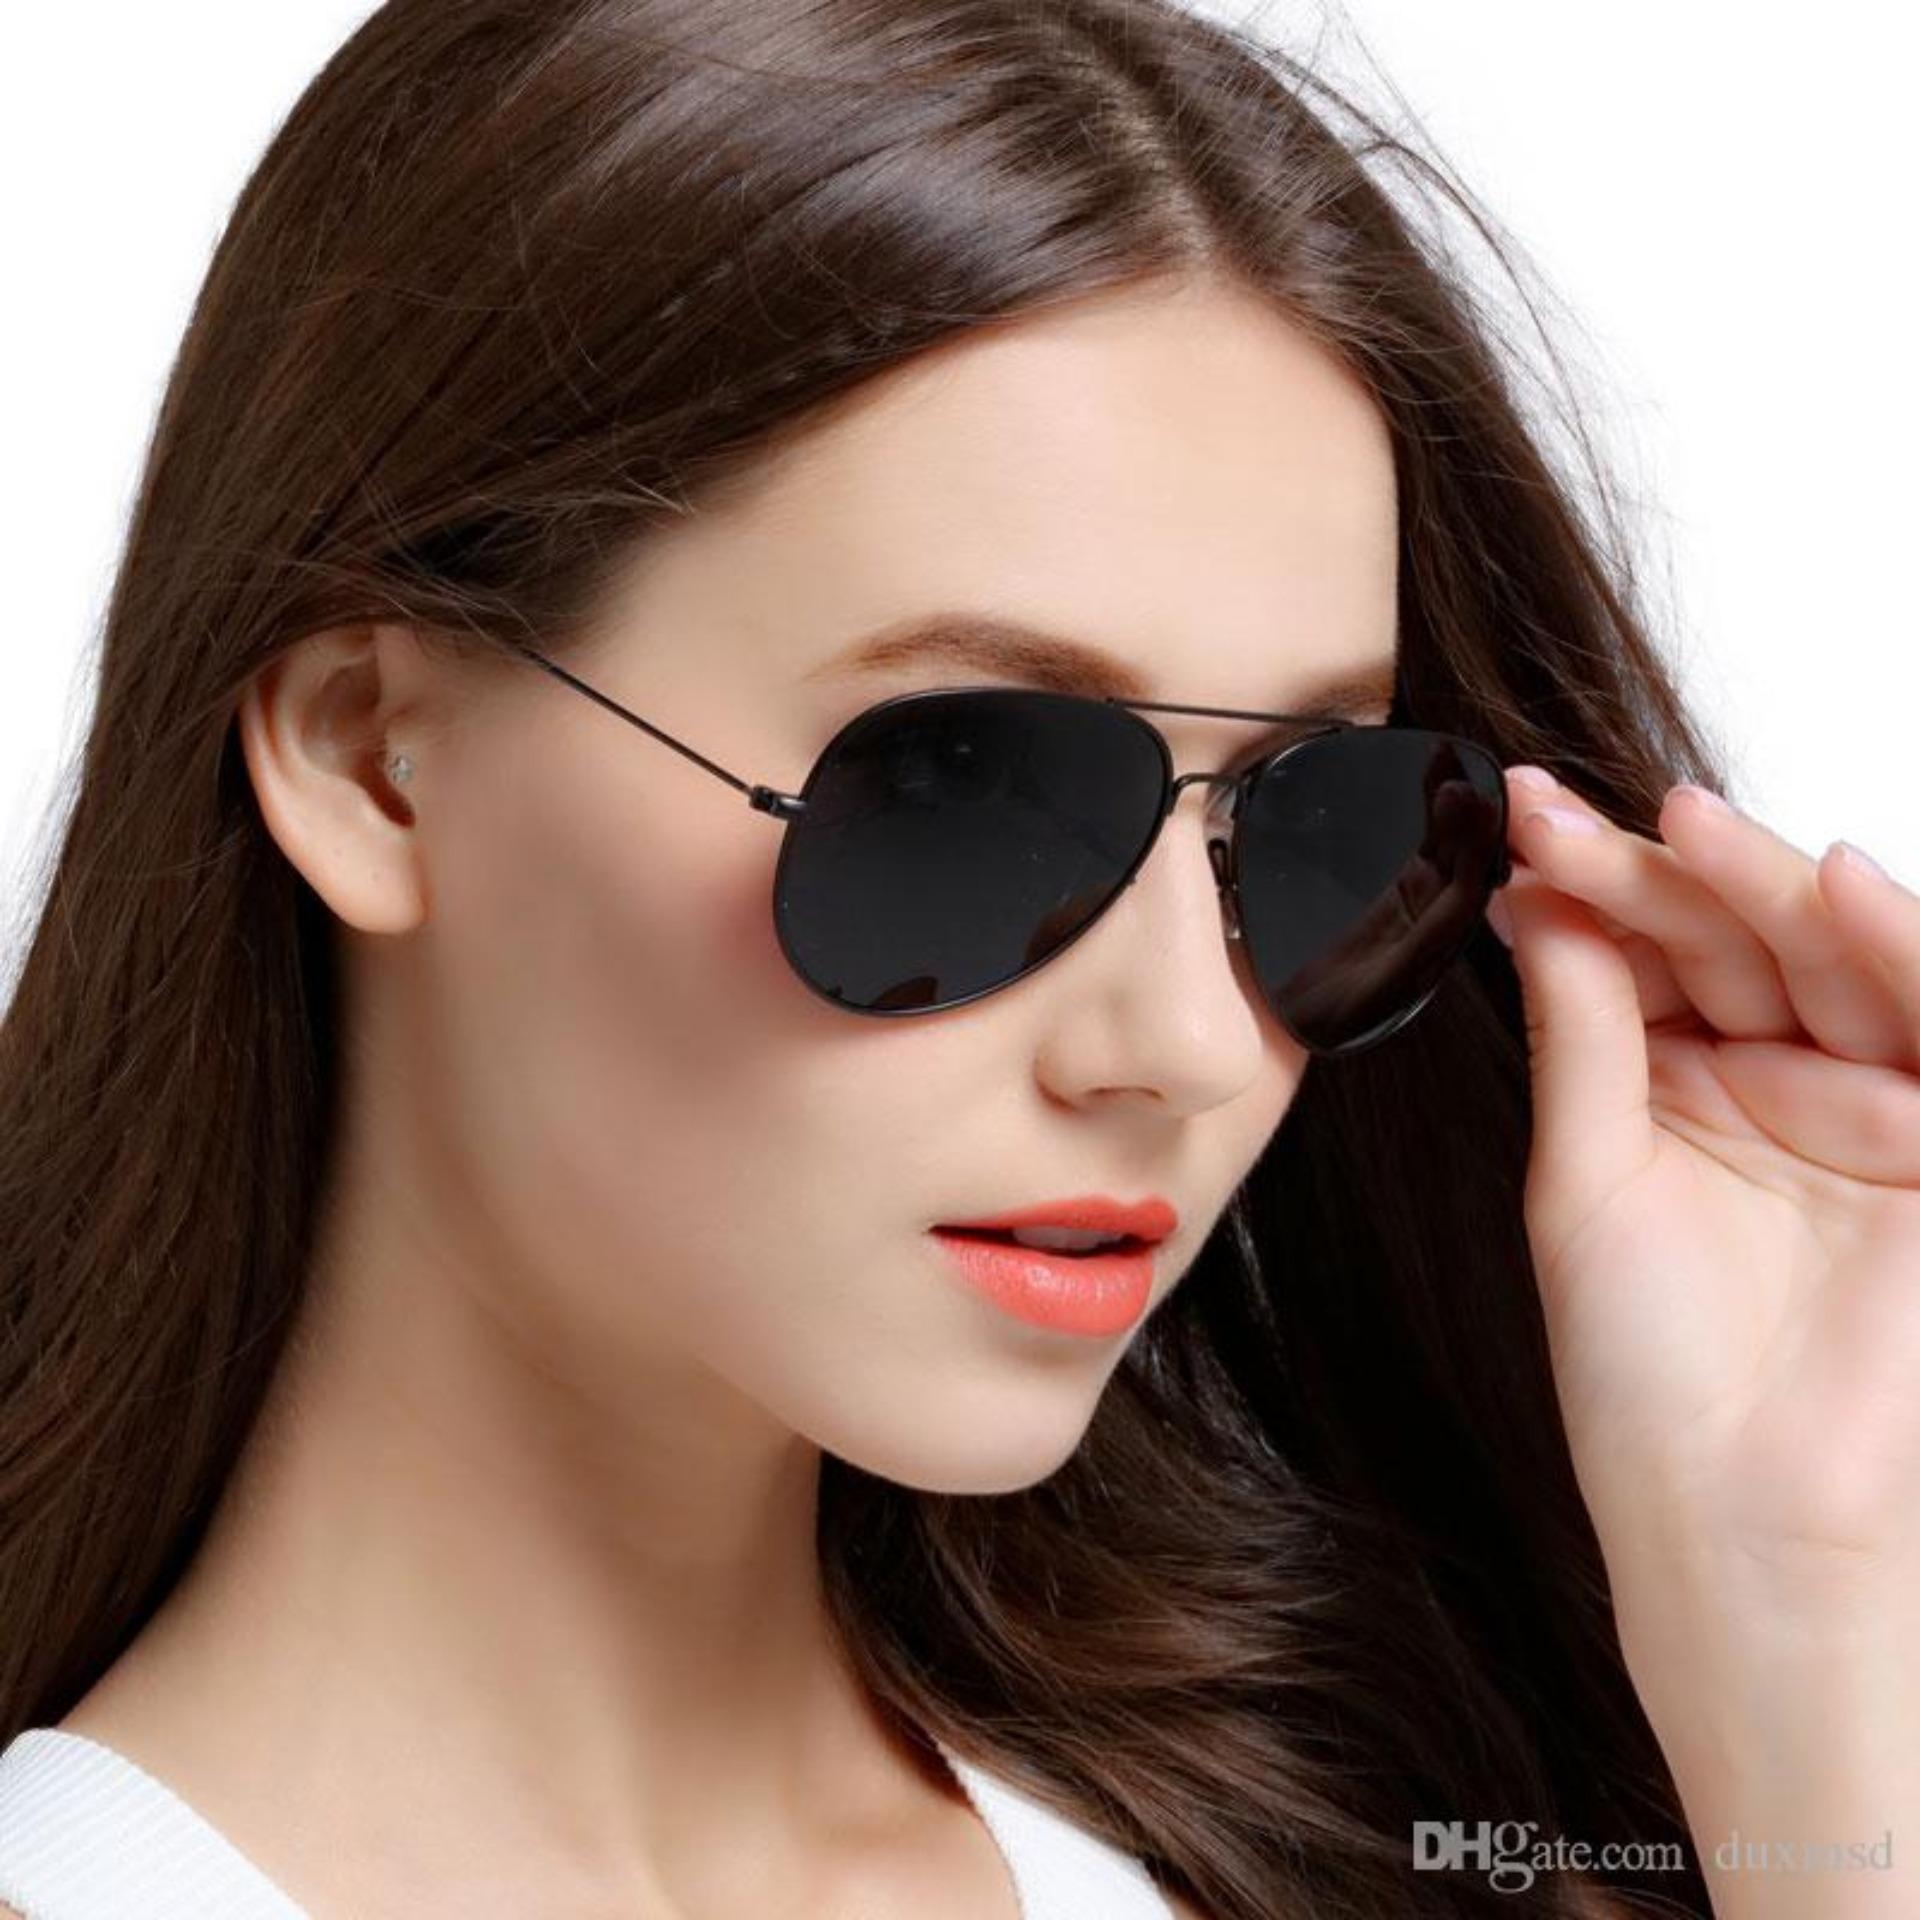 Black Aviator Sunglasses 0200 - Kacamata Hitam Pria dan Wanita - TERLARIS - TERPOPULER